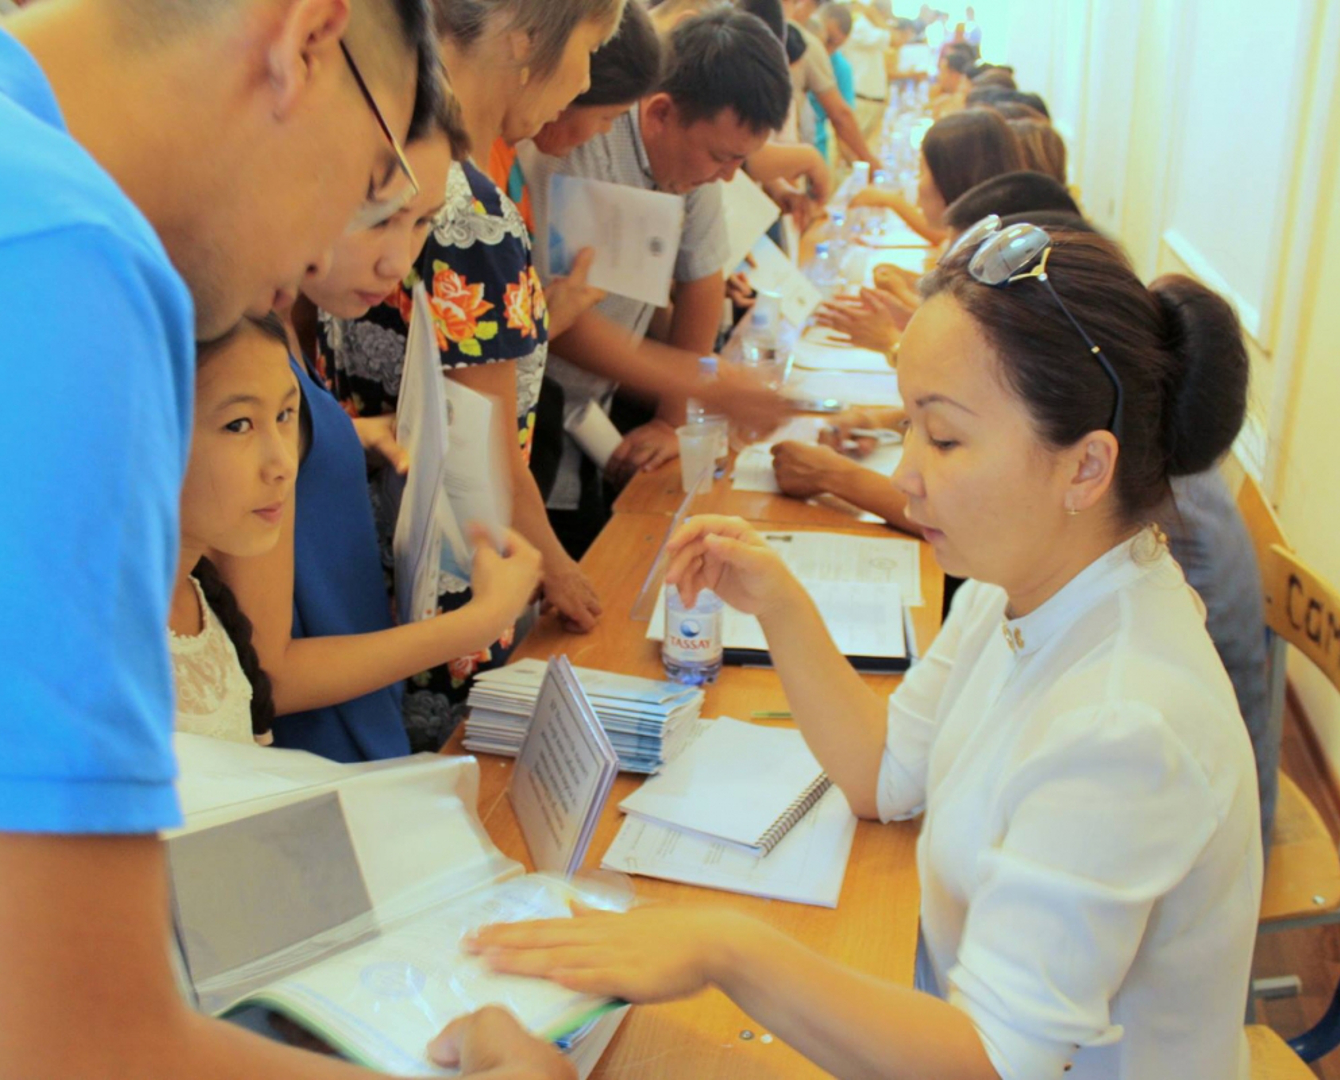 3,7 тысяч безработных и самозанятых казахстанцев получили микрокредиты